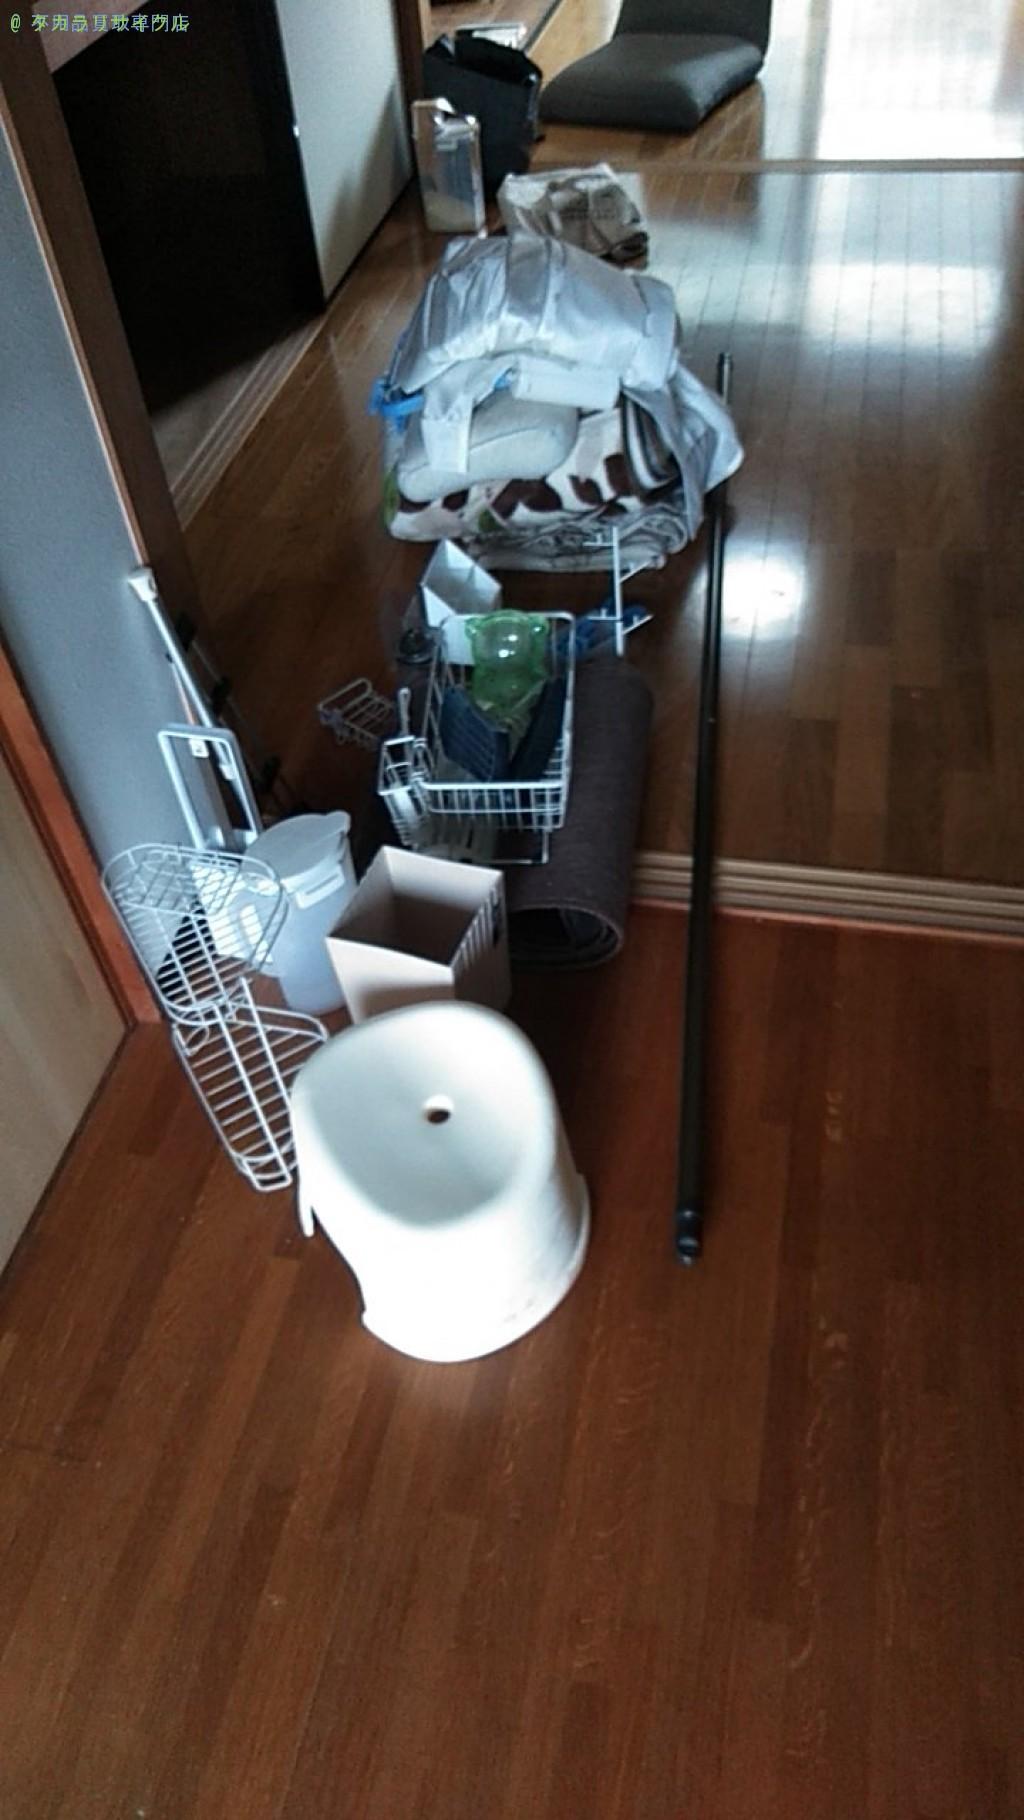 【須崎市赤崎町】冷蔵庫・洗濯機ほか不用品の回収のご依頼者さま